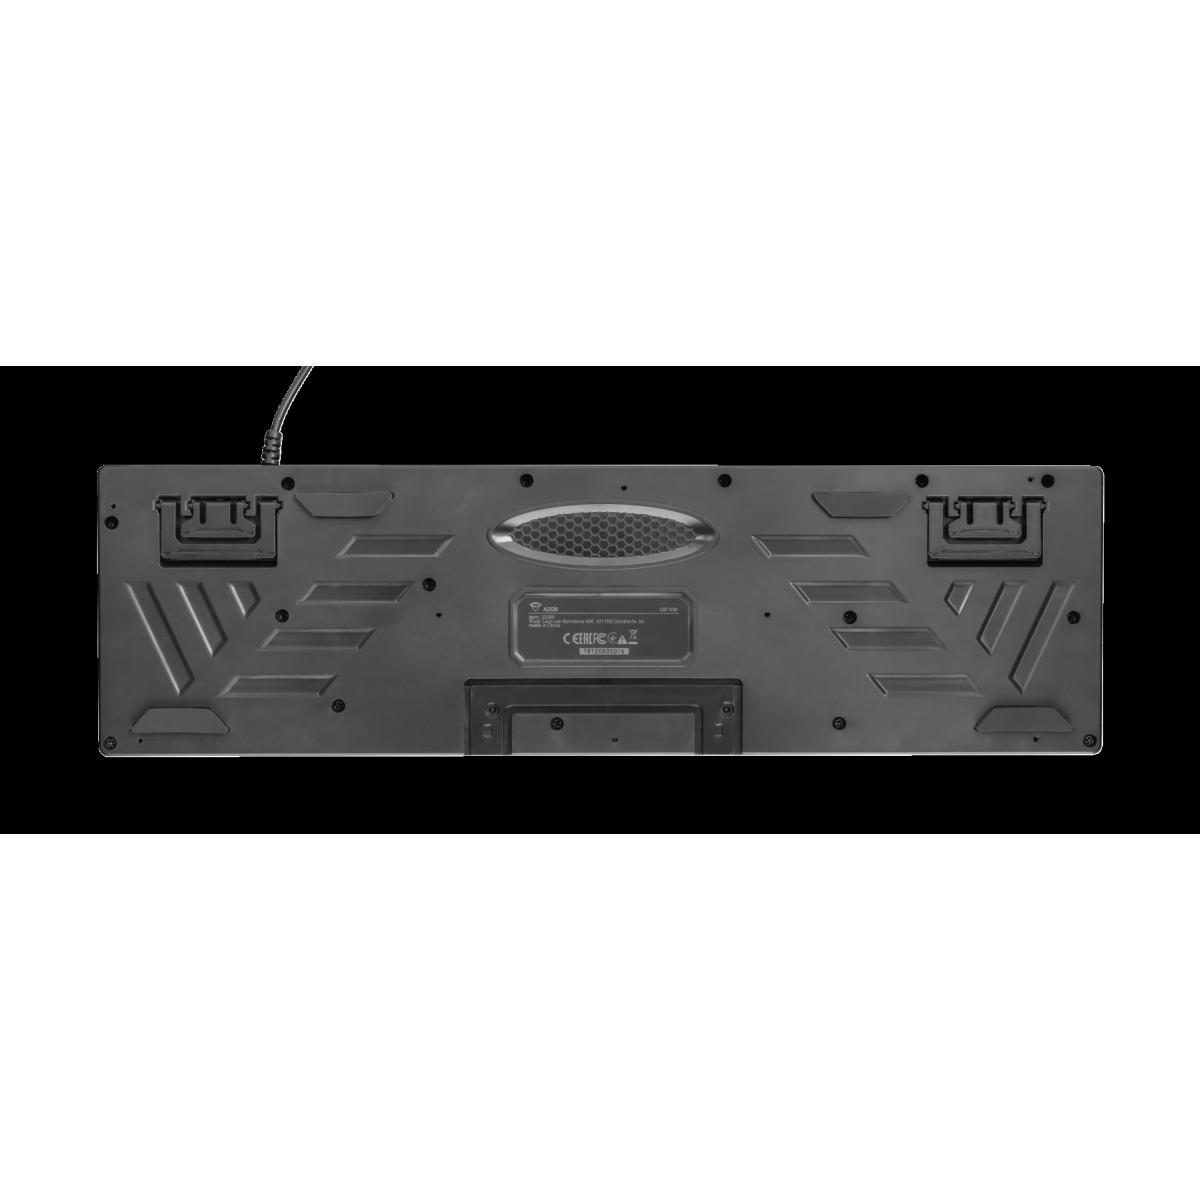 Teclado Gamer Trust, GXT 835 Azor, Backlight, ANSI, Black, T23651